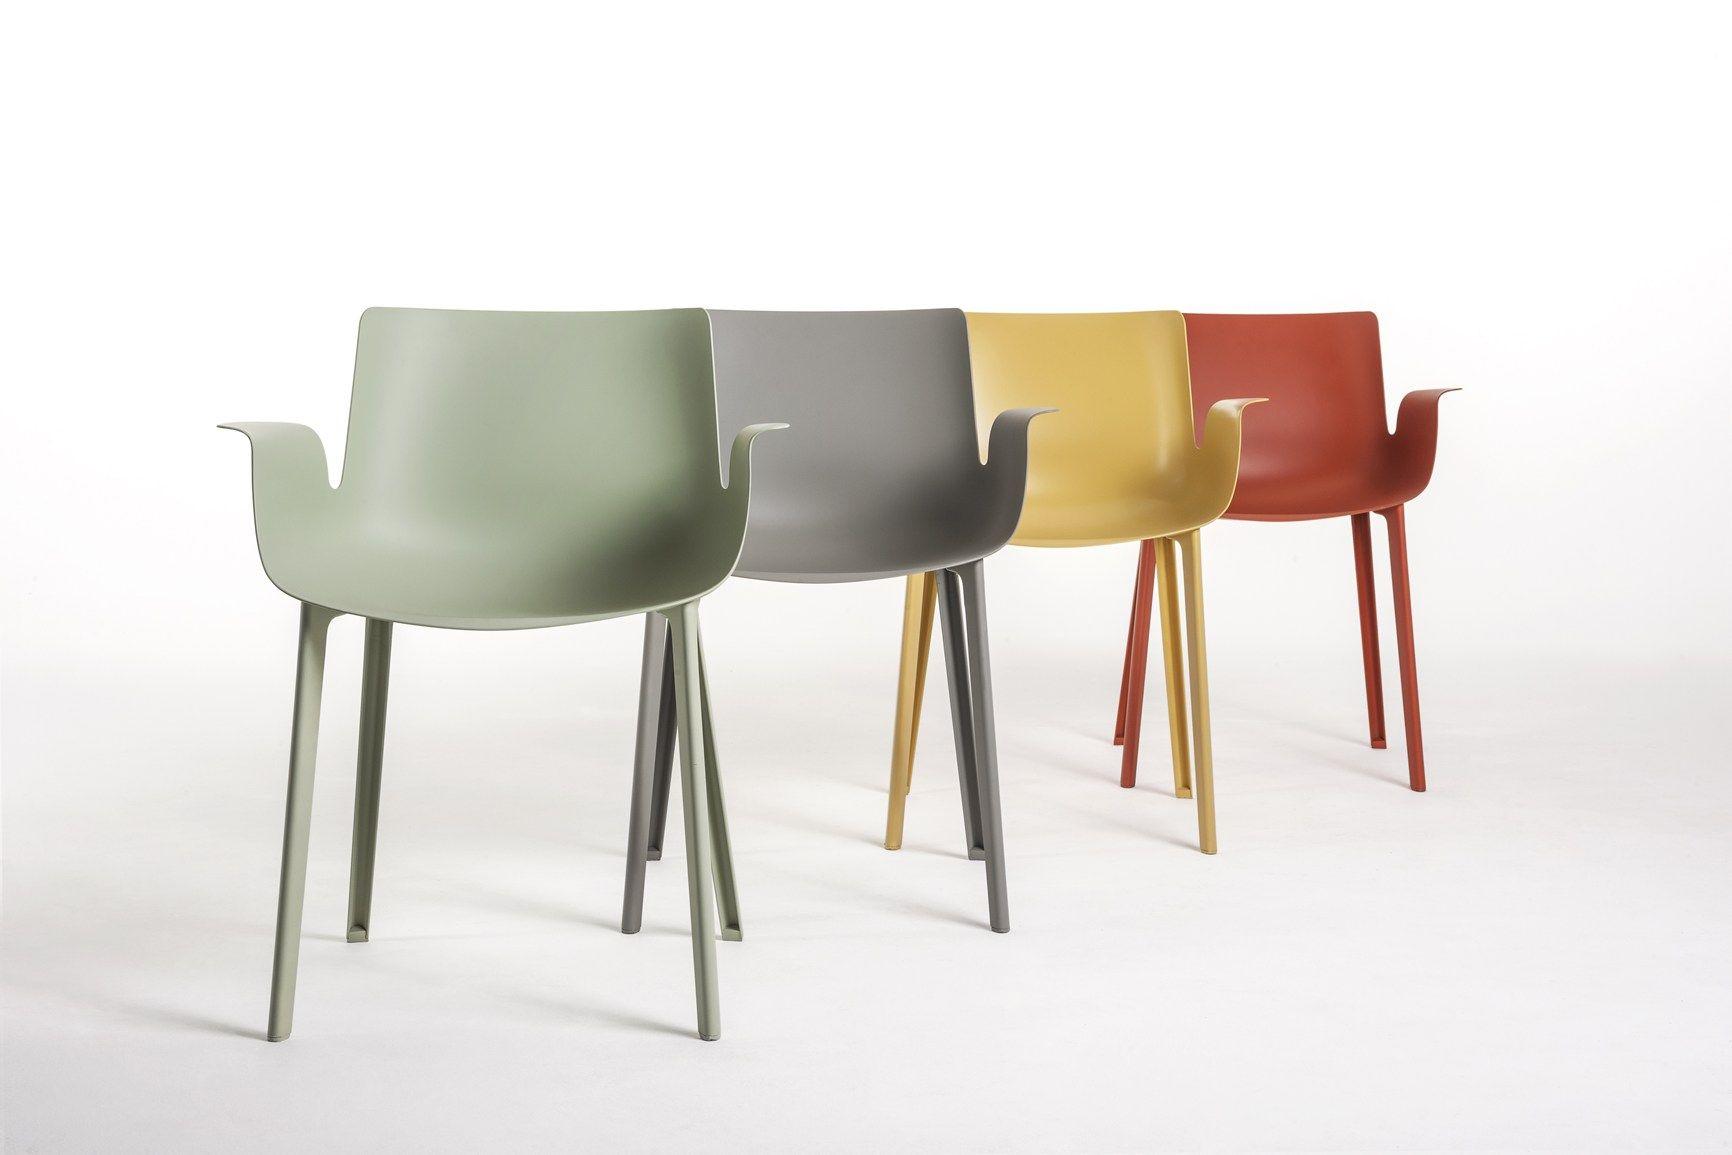 La sedia piuma di kartell si aggiudica il premio 39 red dot for Sedia design kartell